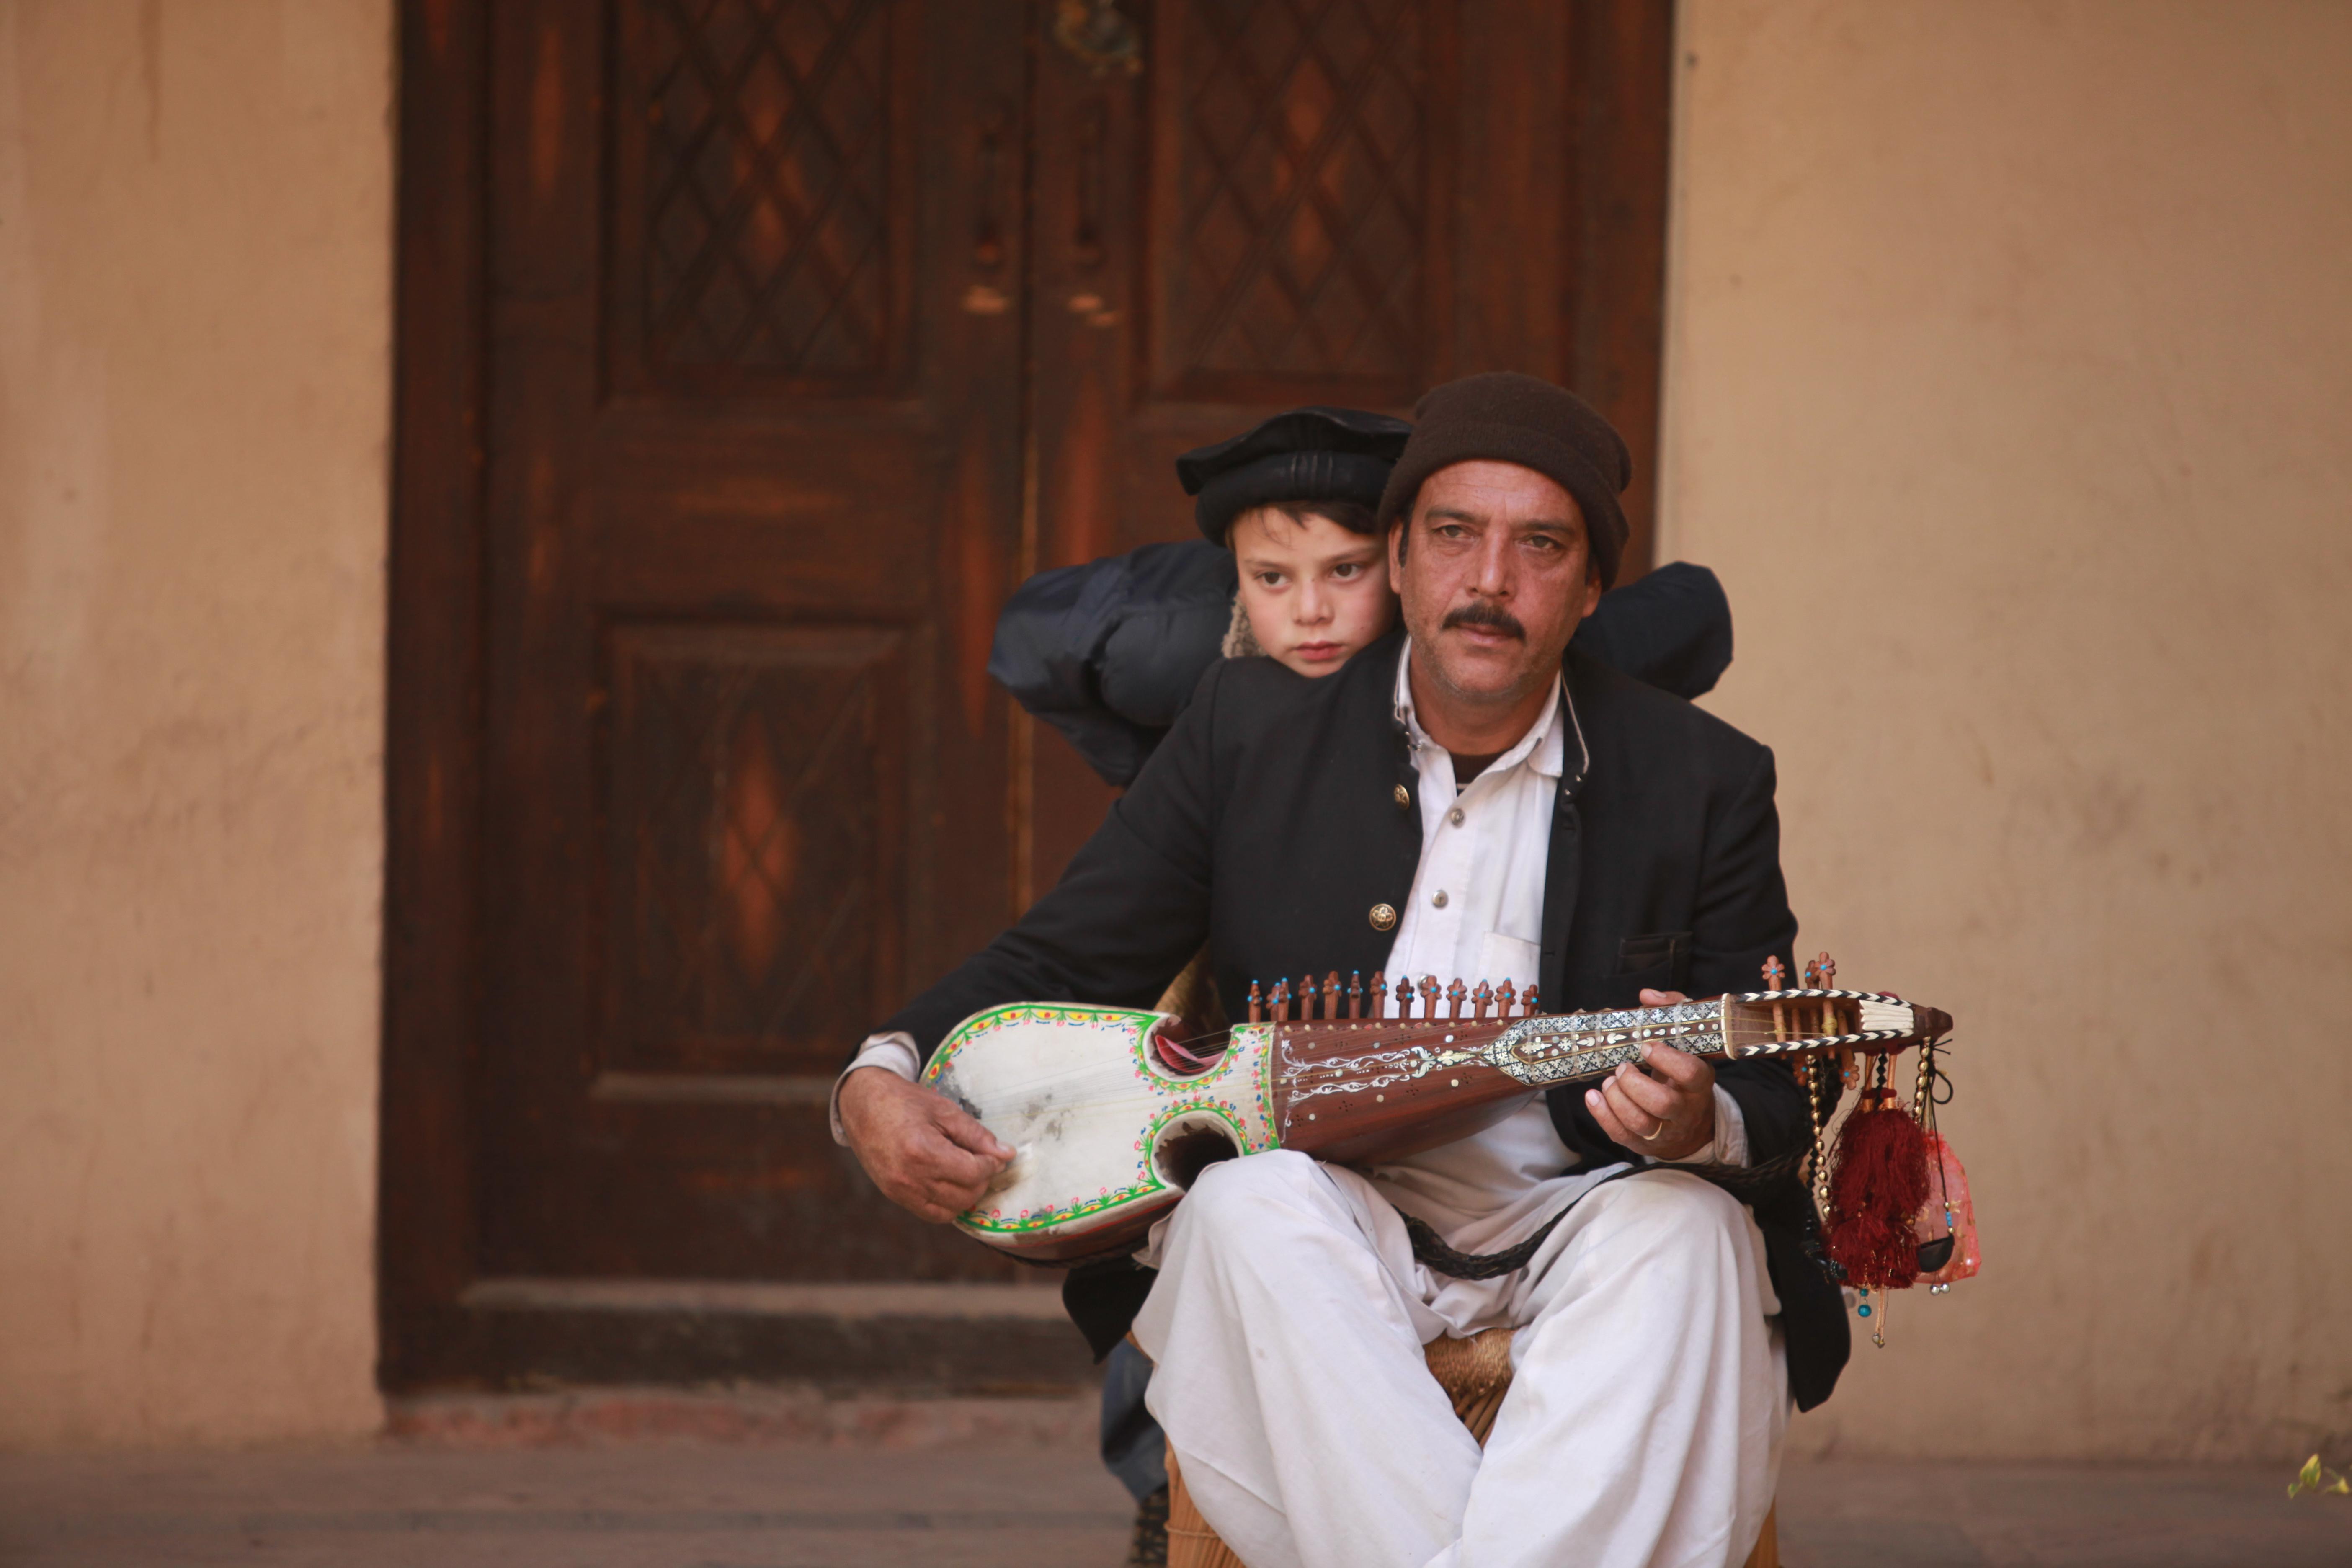 Musician & Son